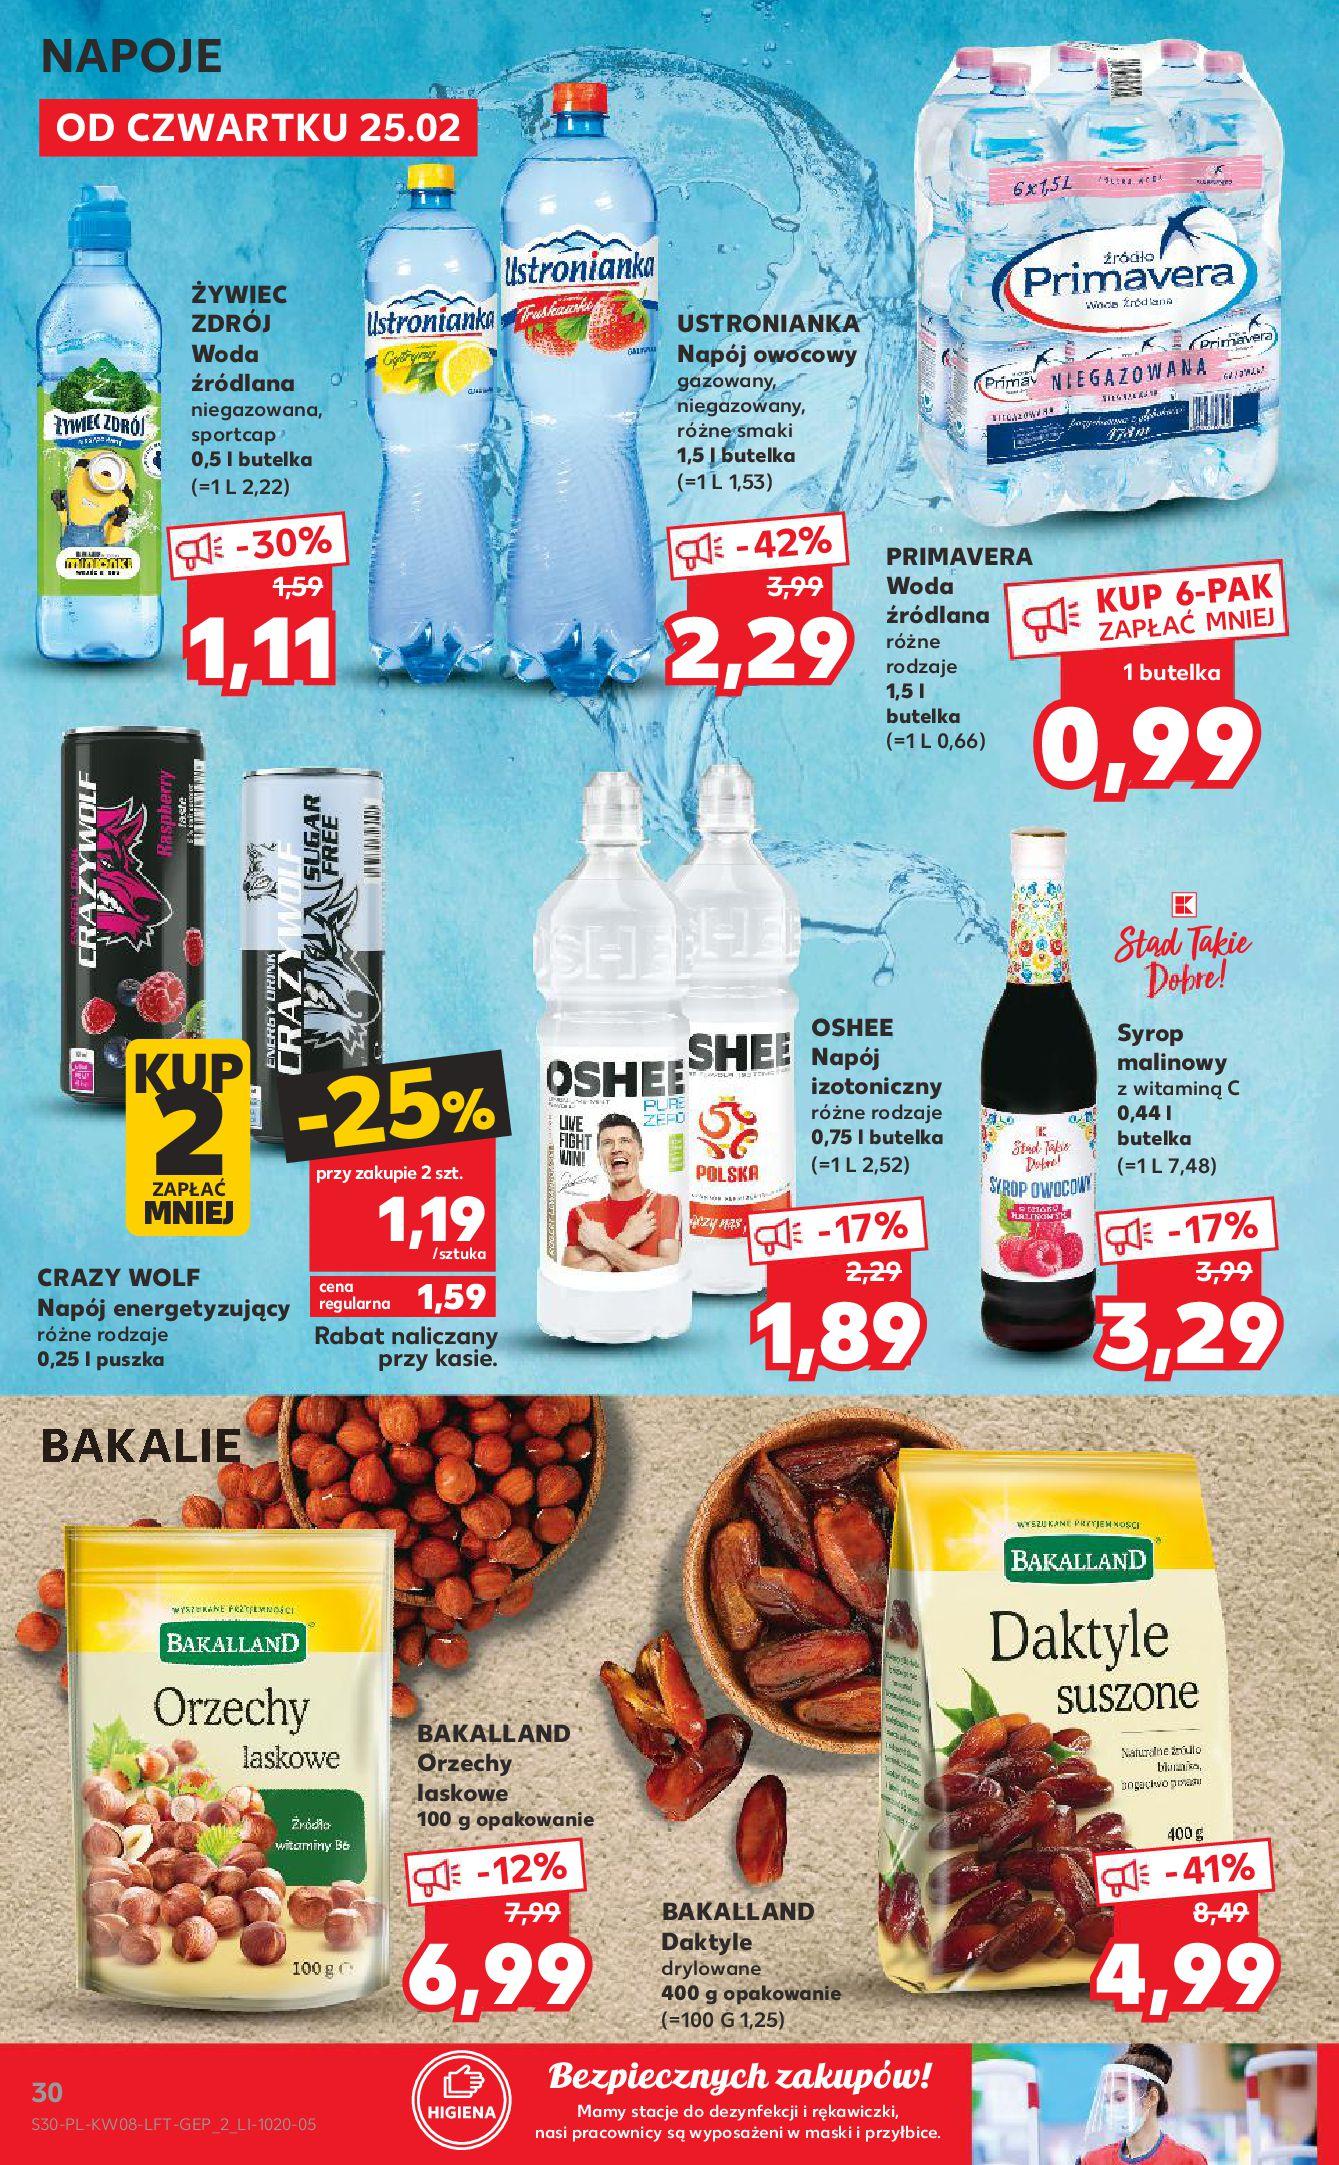 Gazetka Kaufland: Gazetka promocyjna od 25.02 2021-02-25 page-30